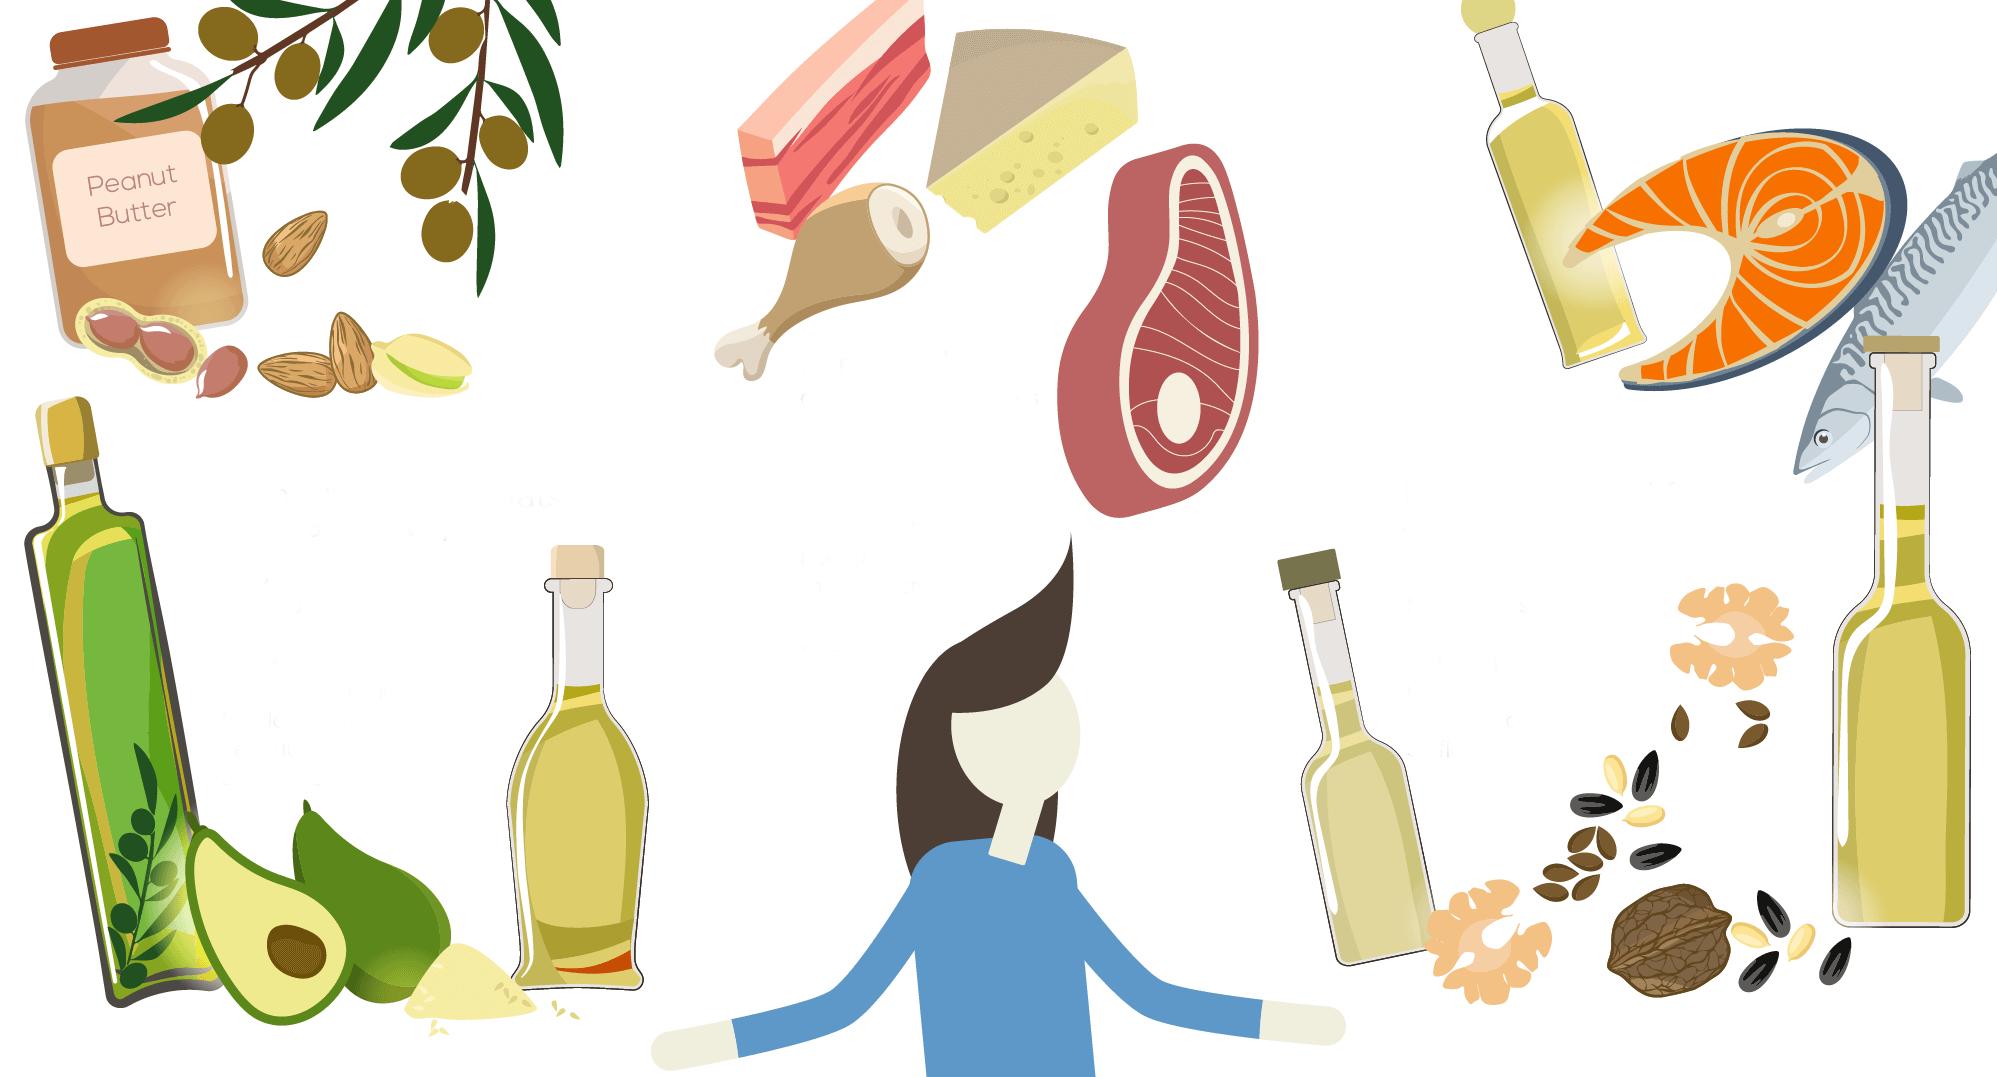 Przykładowa lista zakupów spożywczych – na co zwracać uwagę? - Listonic